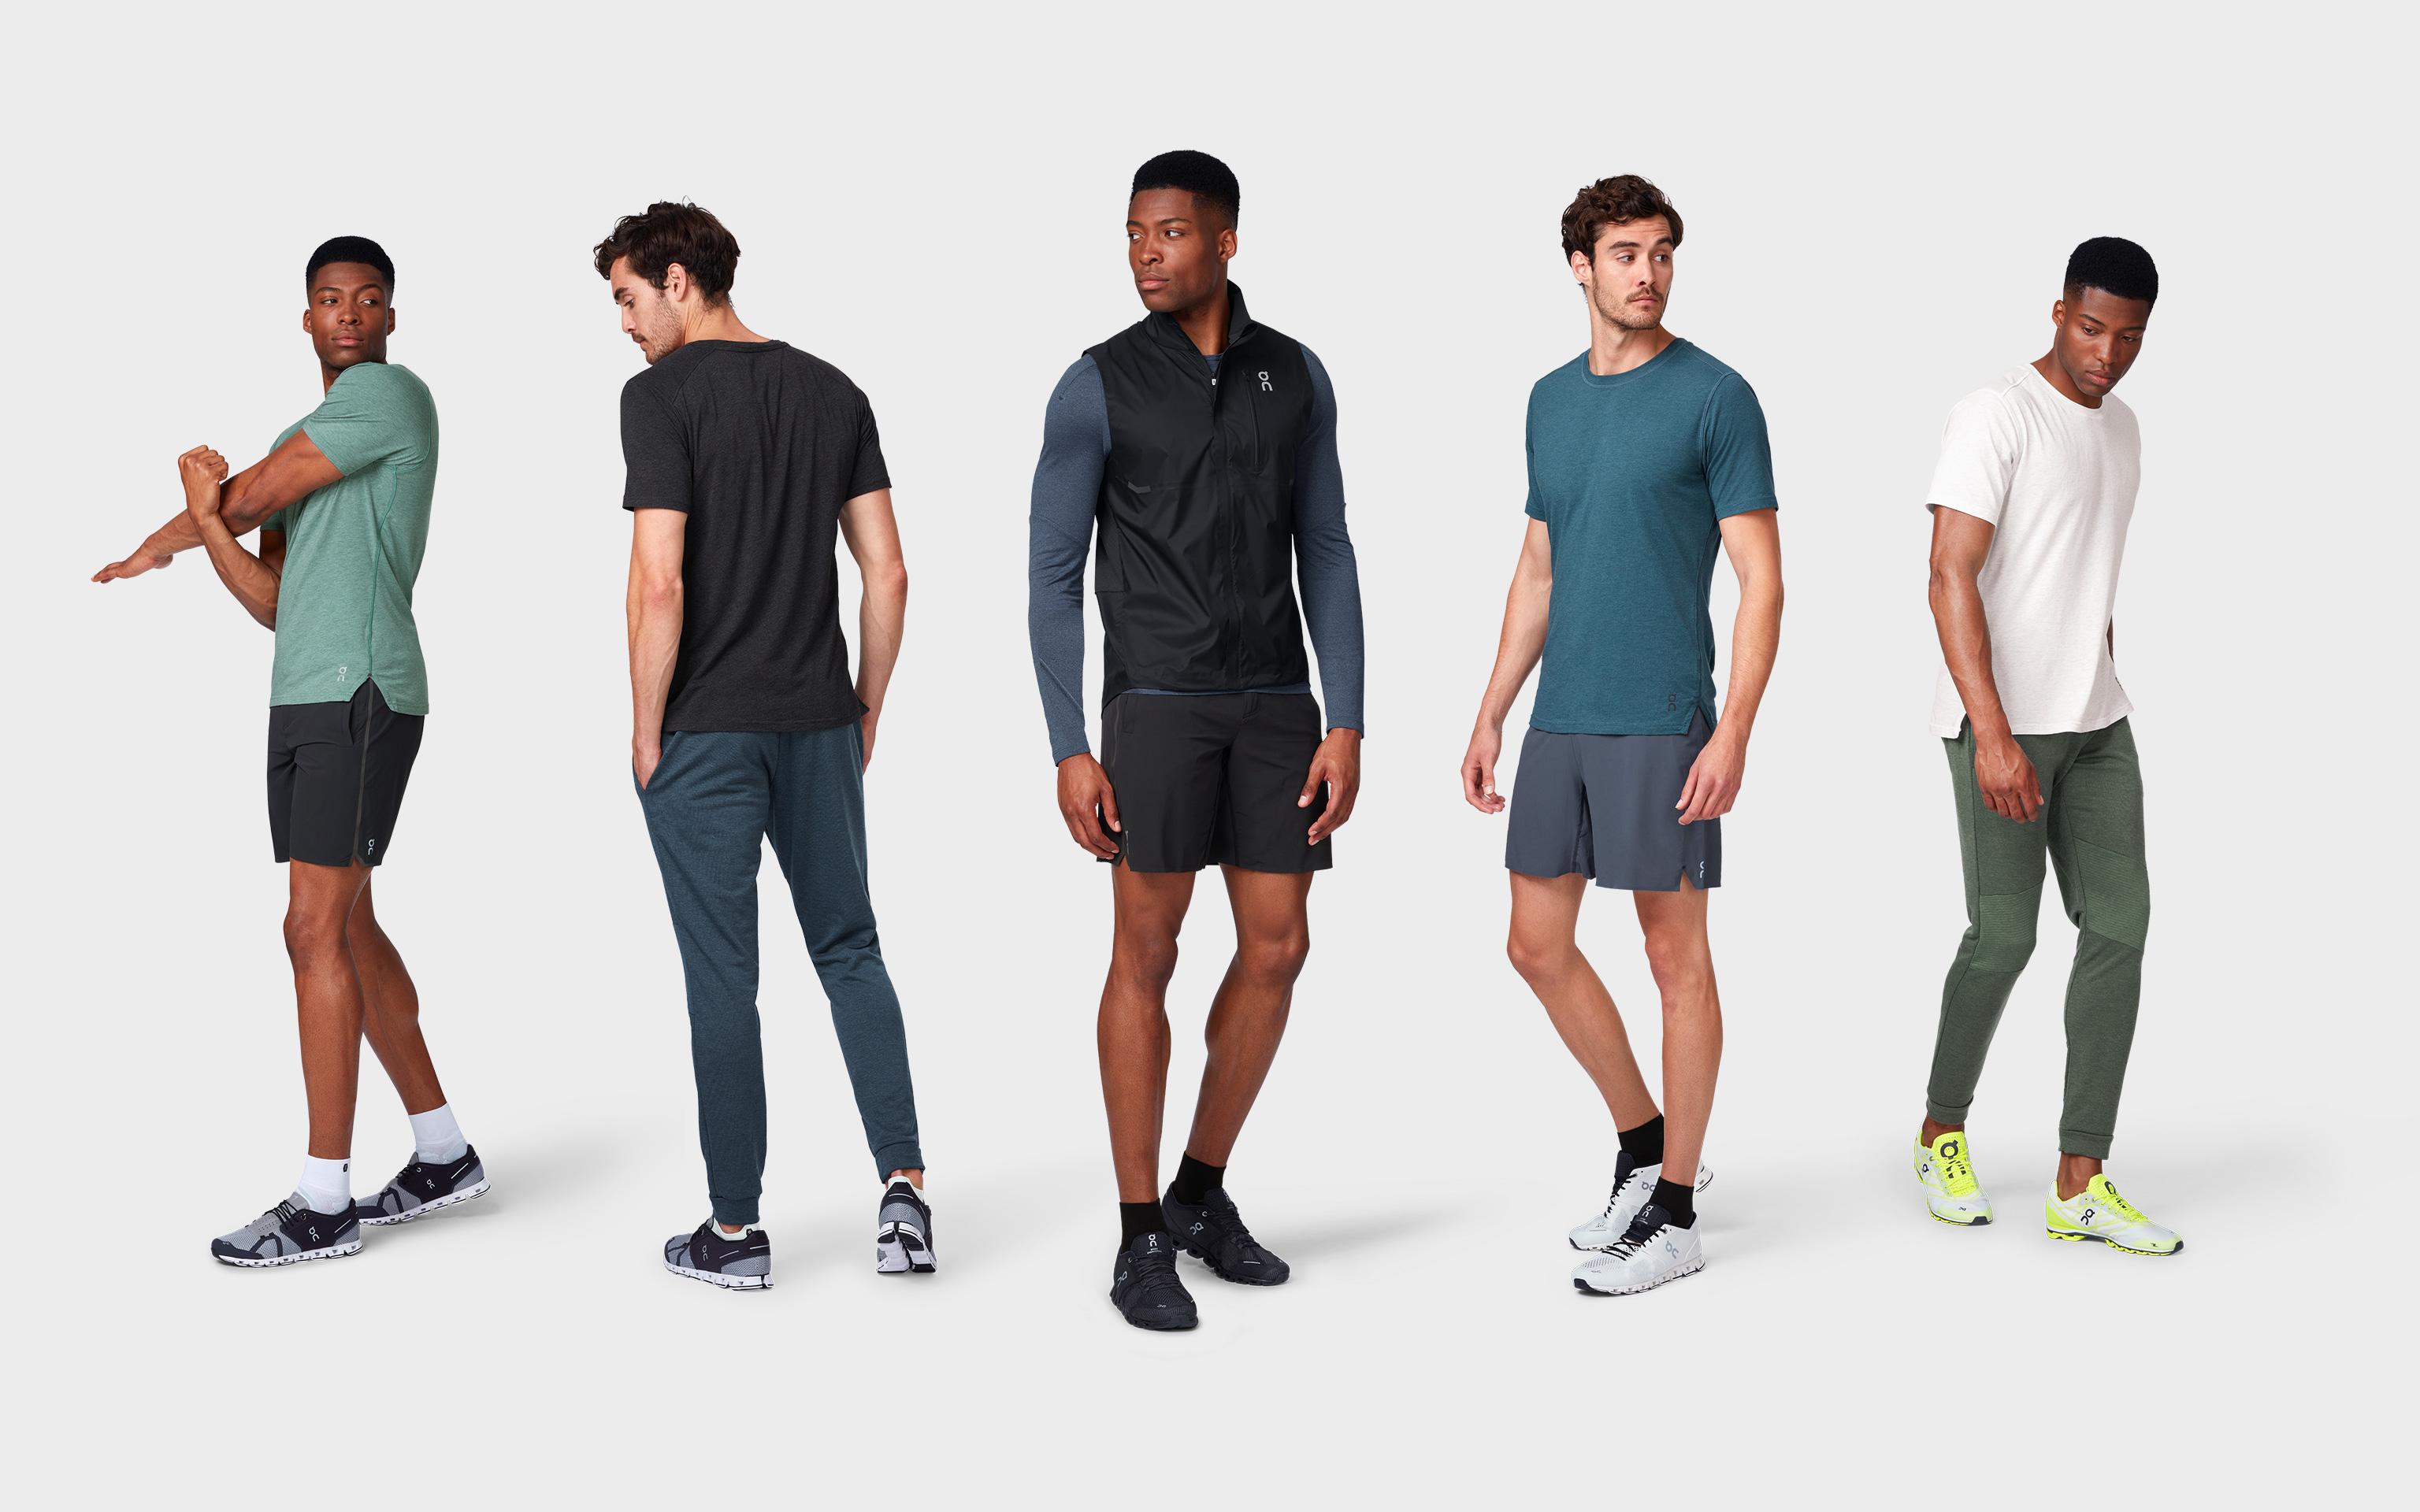 5 menswear sportswear models